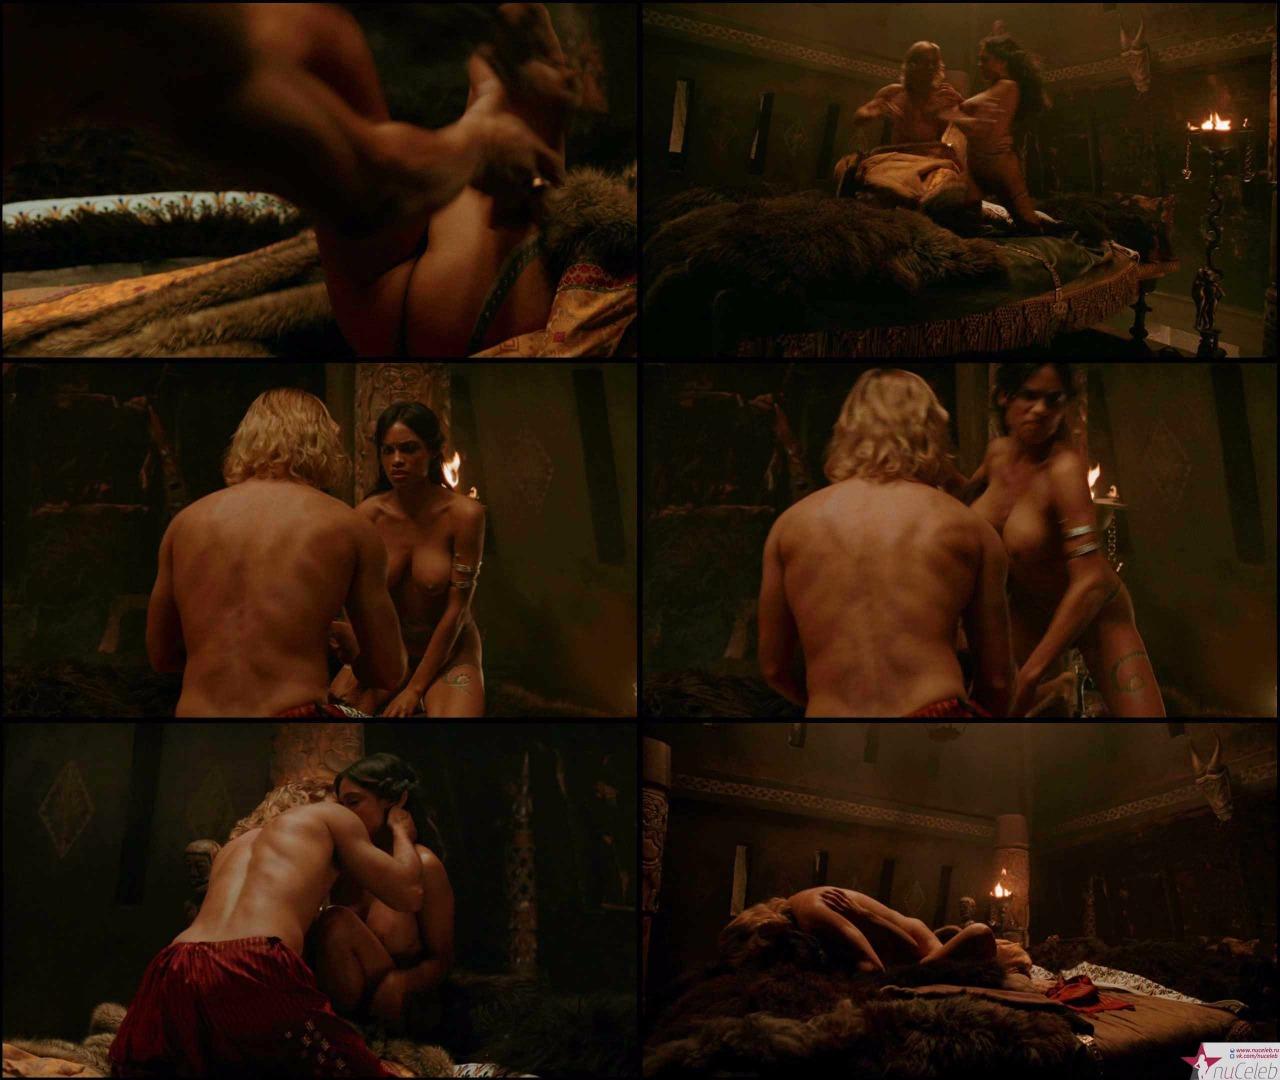 Filmed naked